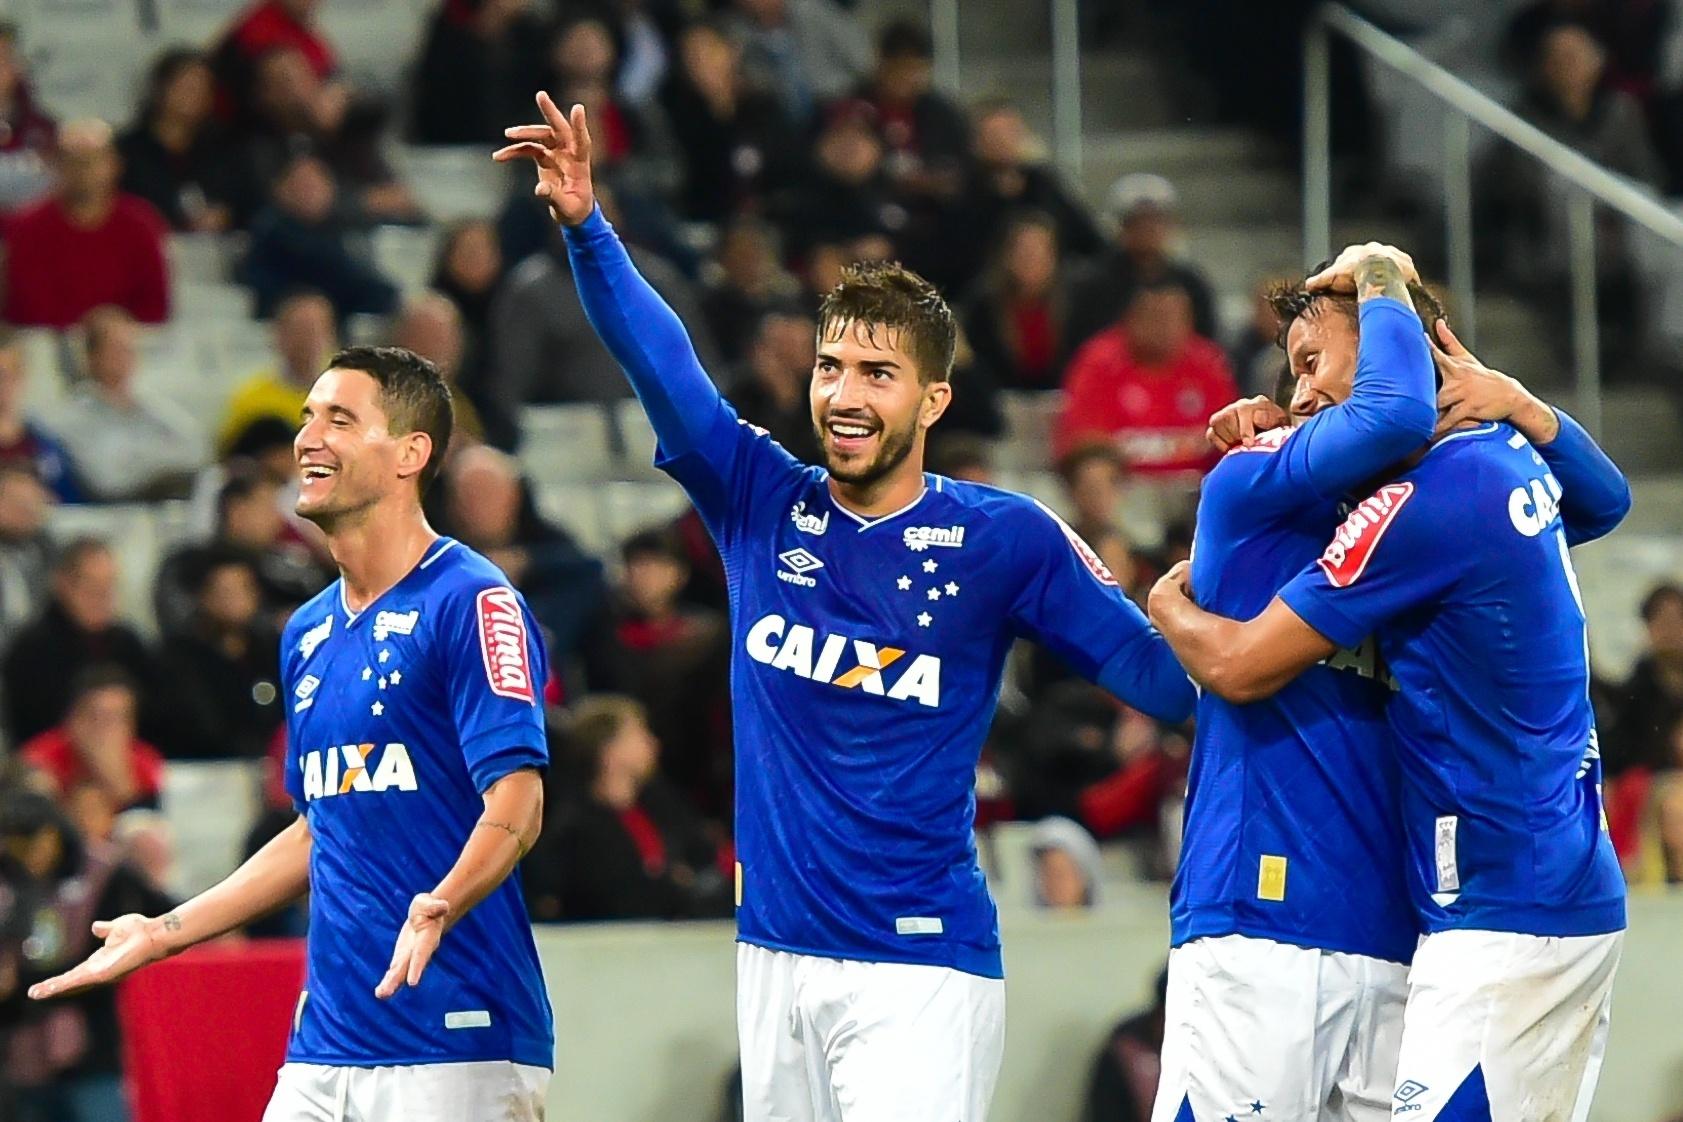 Jogadores do Cruzeiro comemoram gol marcado por Lucas Romero contra o Atlético-PR